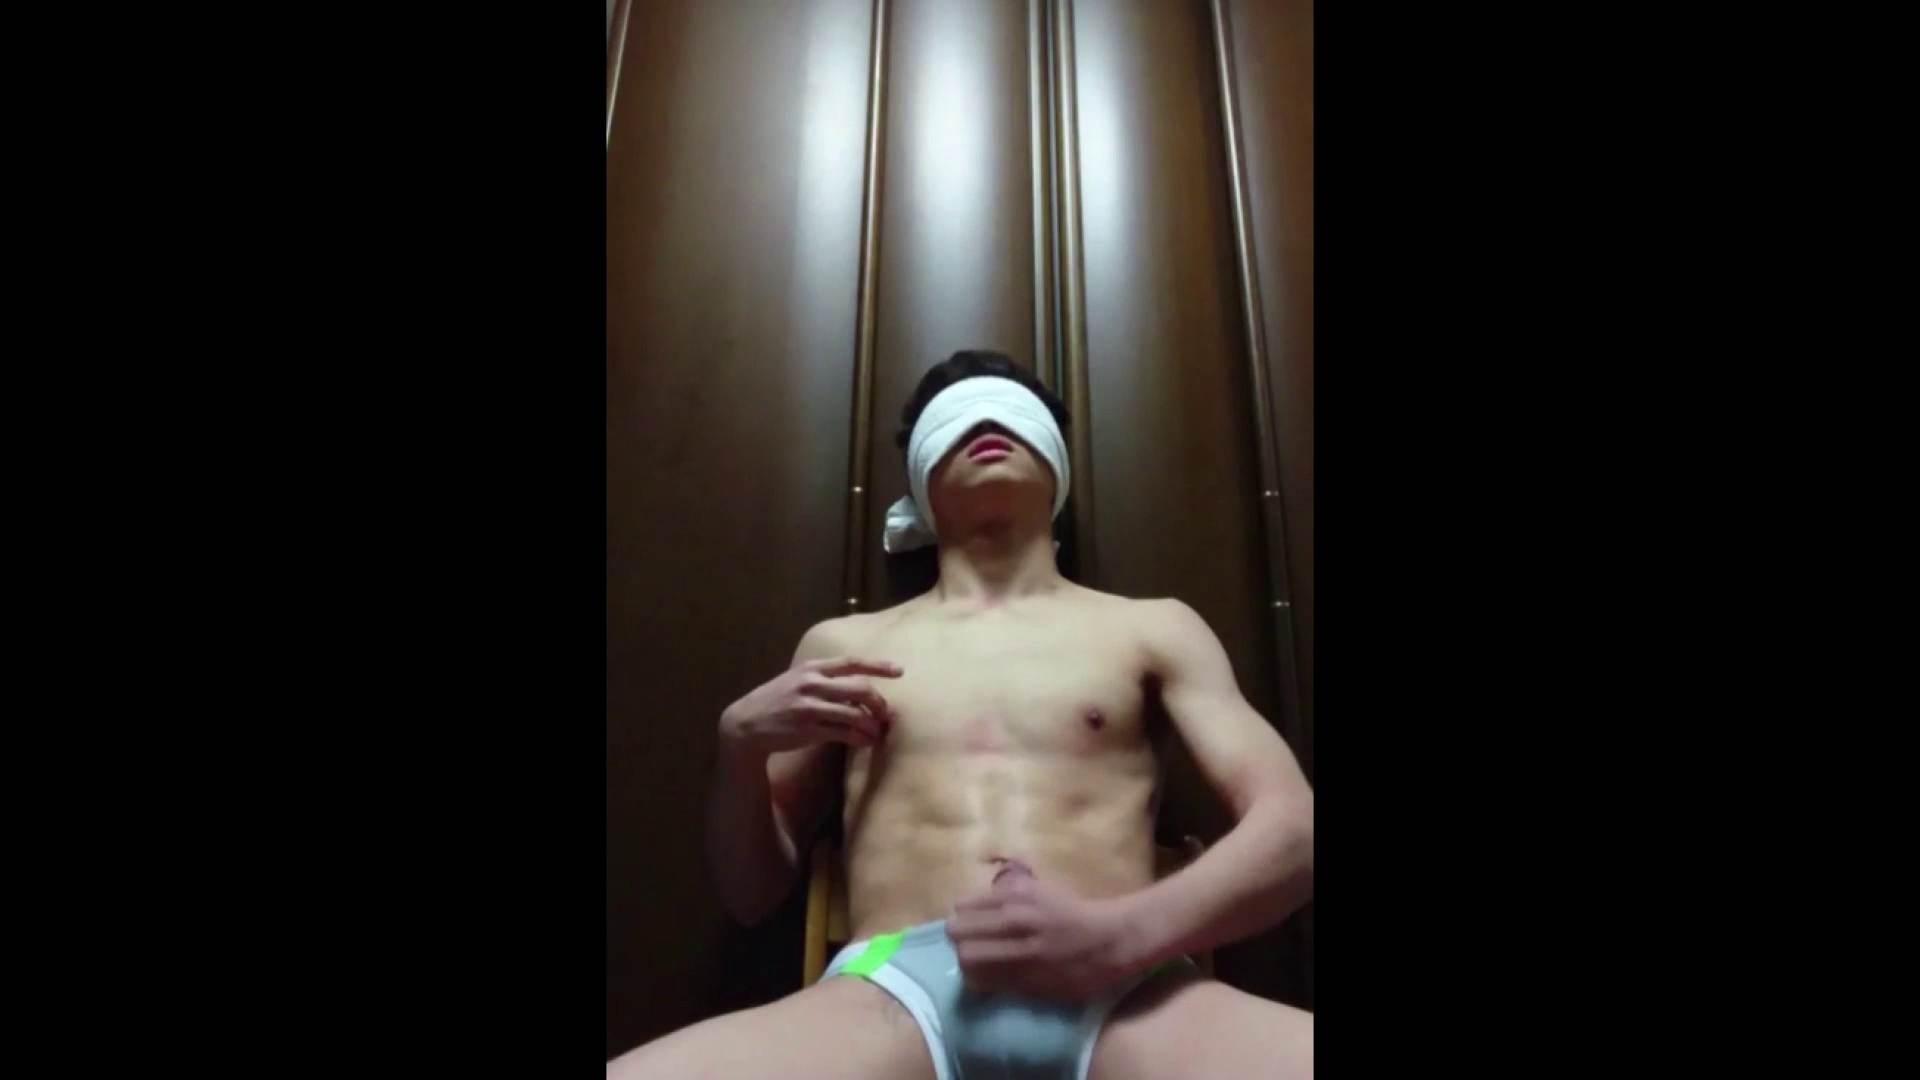 個人撮影 自慰の極意 Vol.21 オナニー  59pic 44